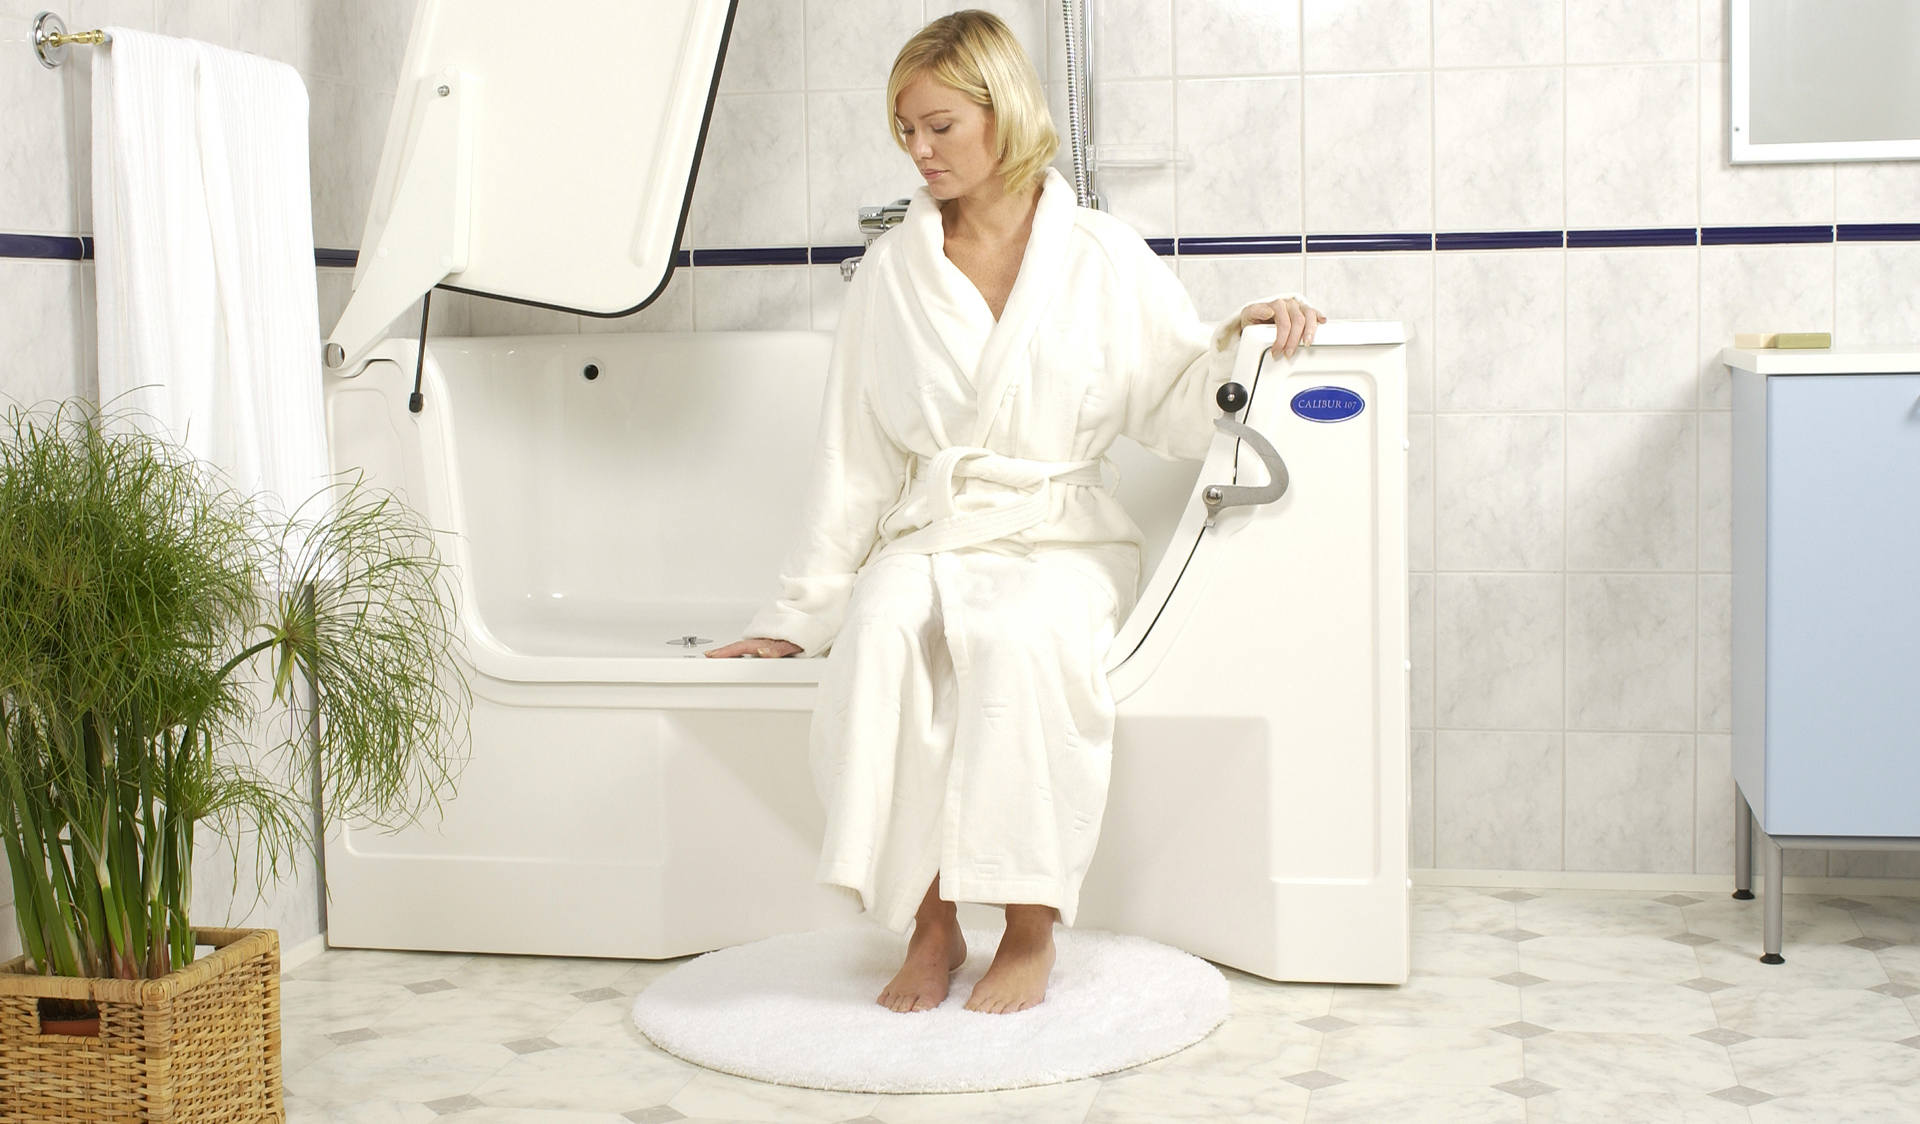 Barrierefreie Behindertengerechte Badewanne Im Bad - Behindertengerechte badezimmer